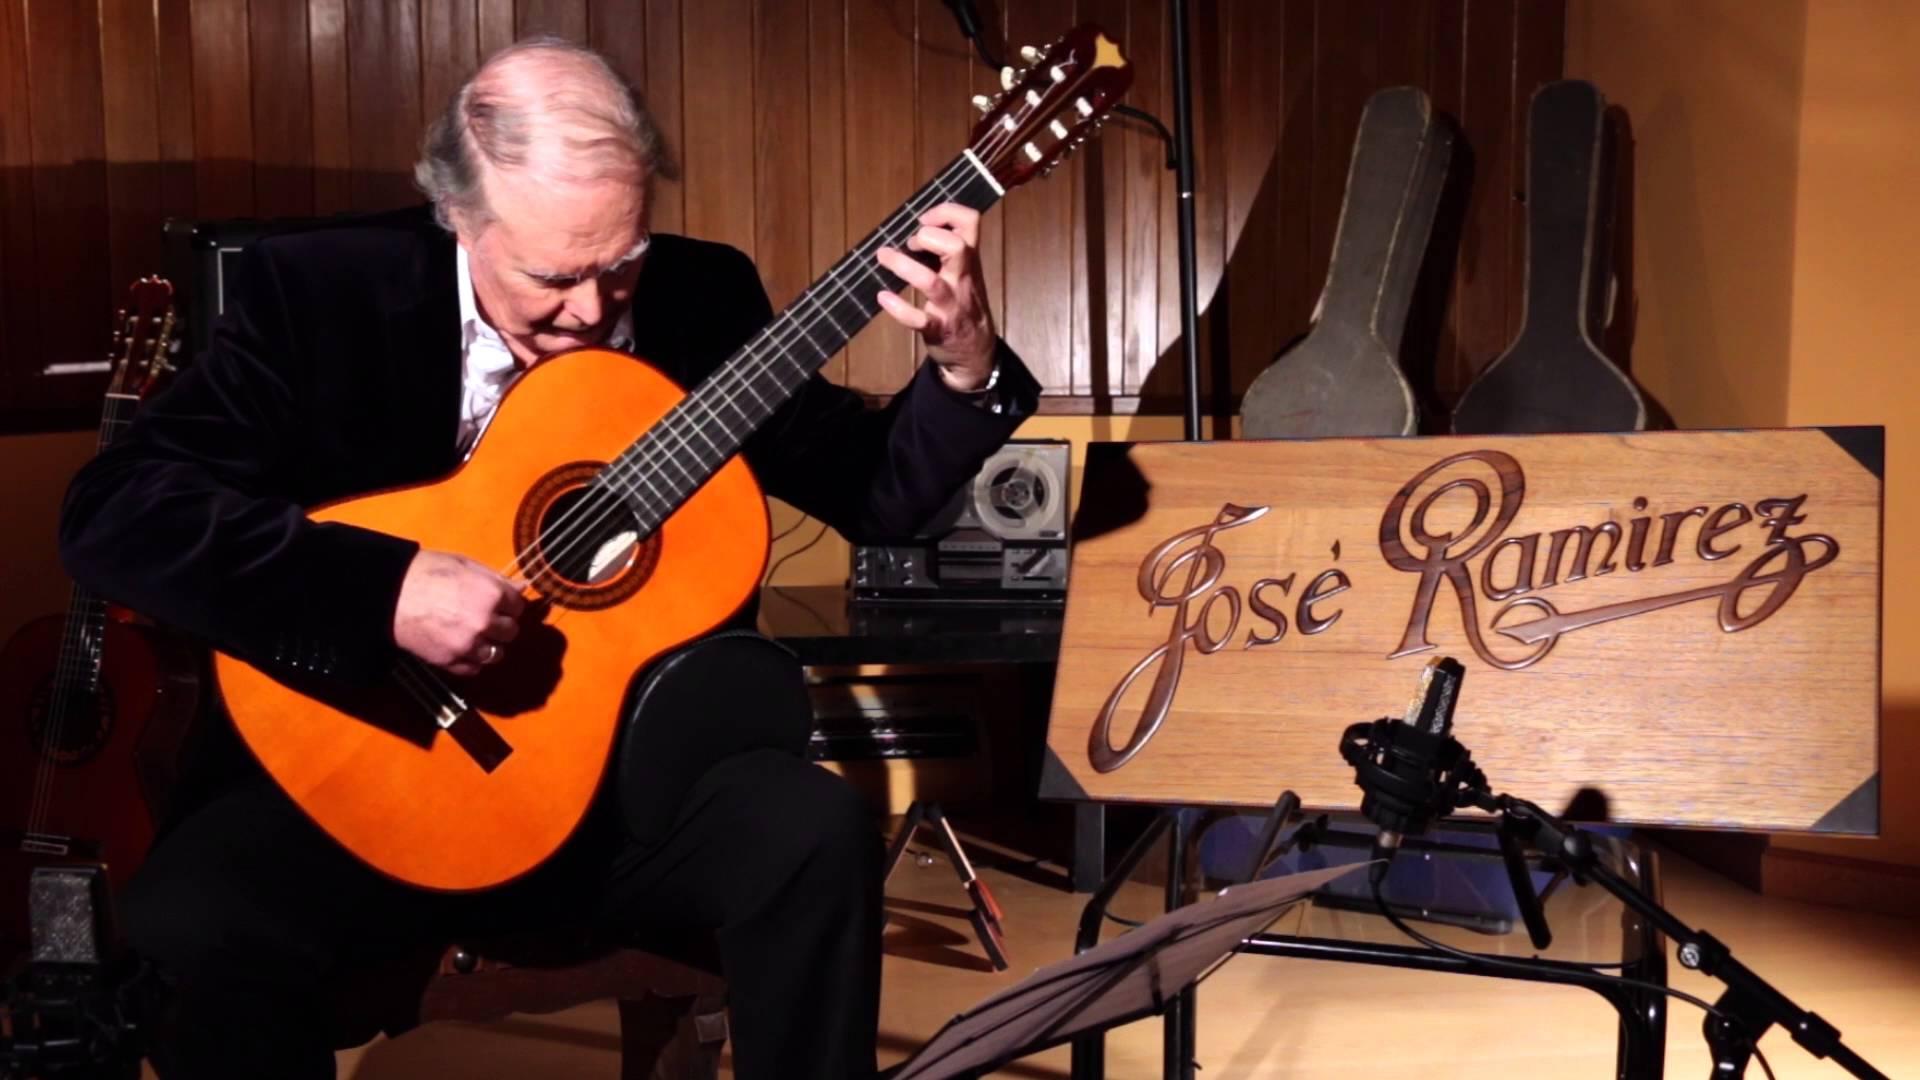 ジョン・ミルズが弾くペレスの『Llegada』 ラミレス・センテナリオで奏でられるスペインの調べ